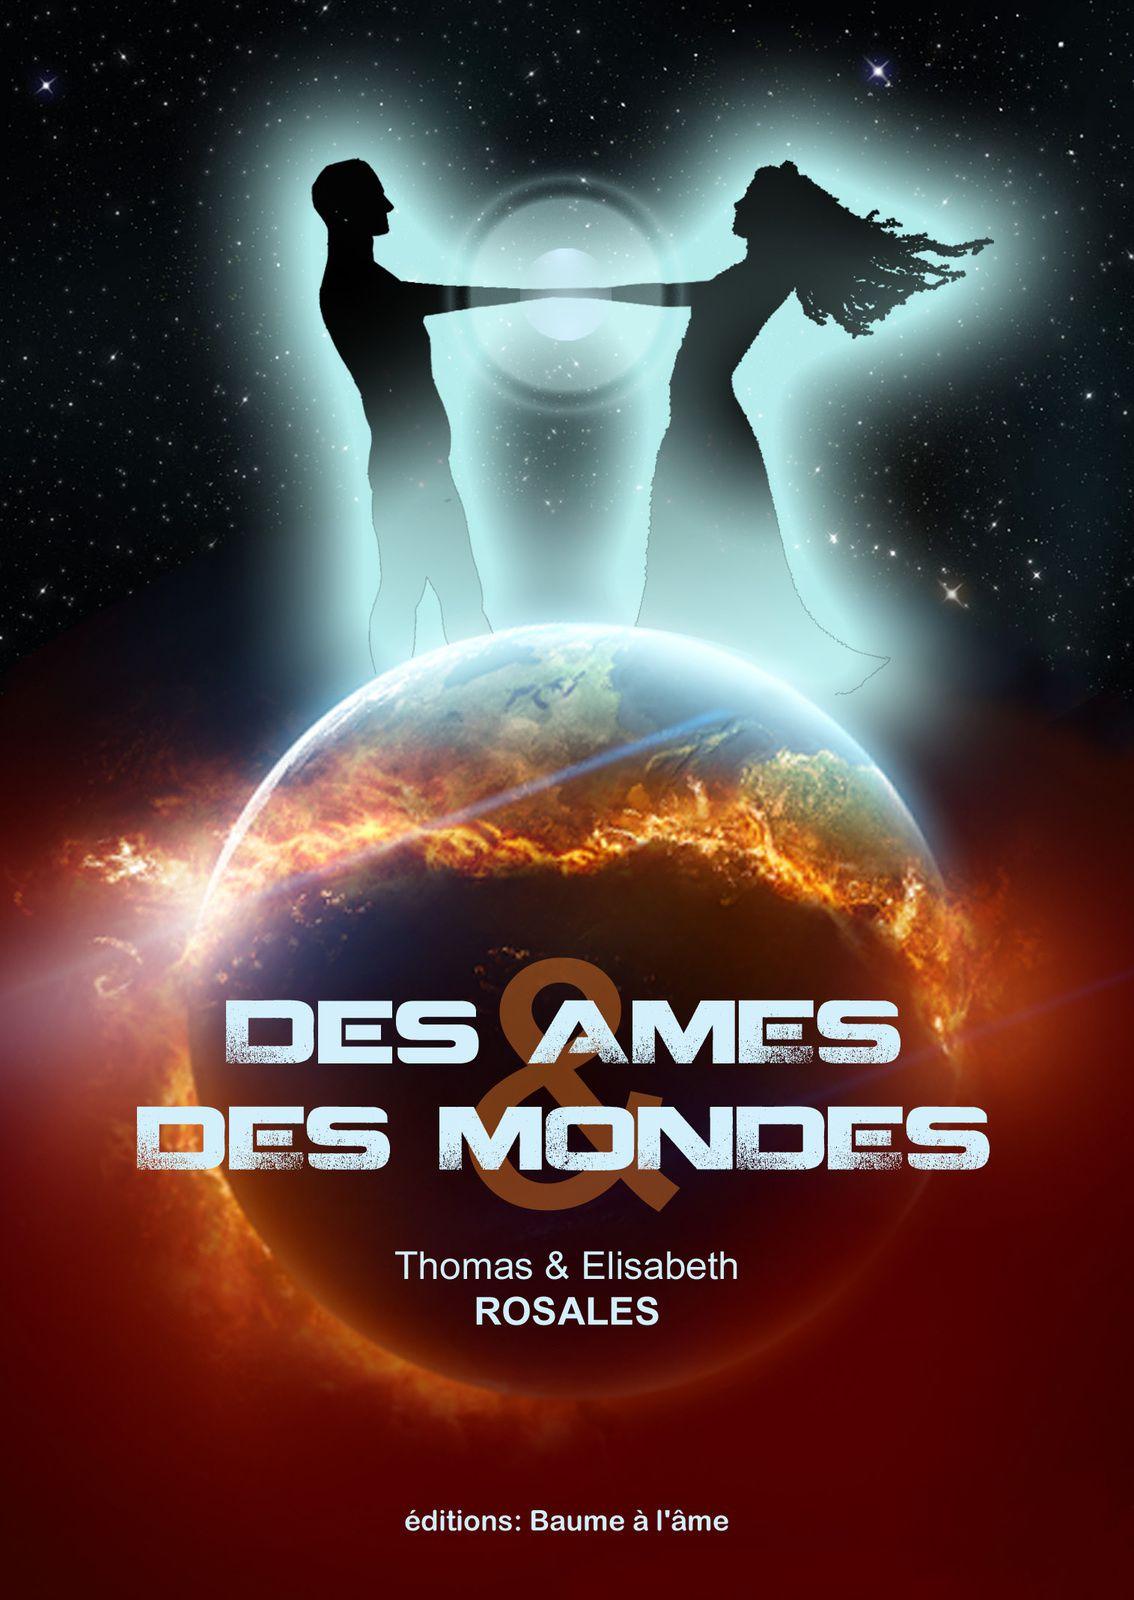 Disponible à la vente : version e-book sur amazon, version papier sur lulu.com